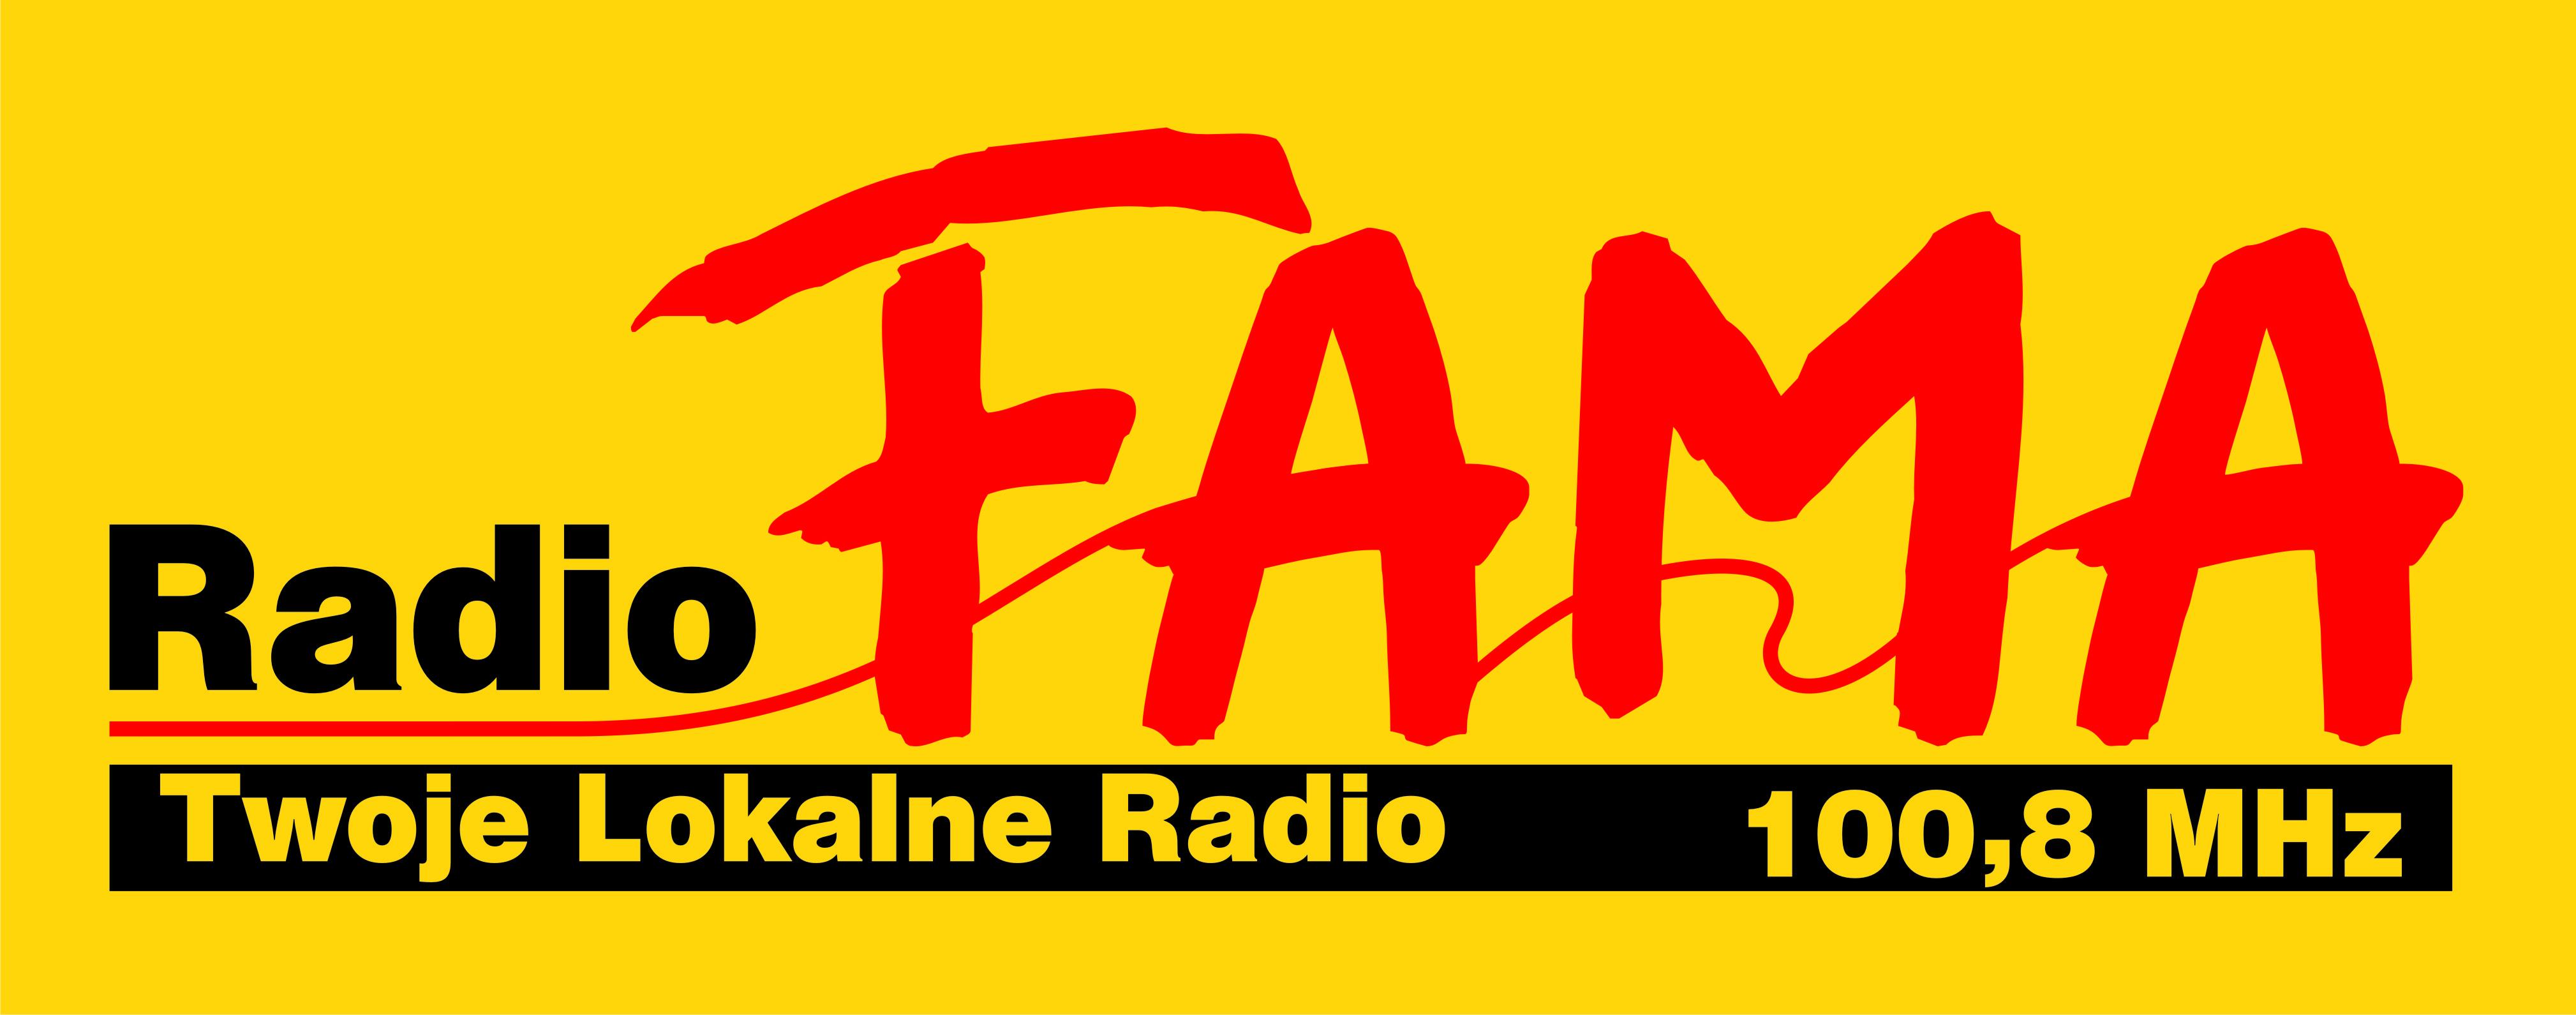 Rdio FAMA logo Kielce główne_v9.0